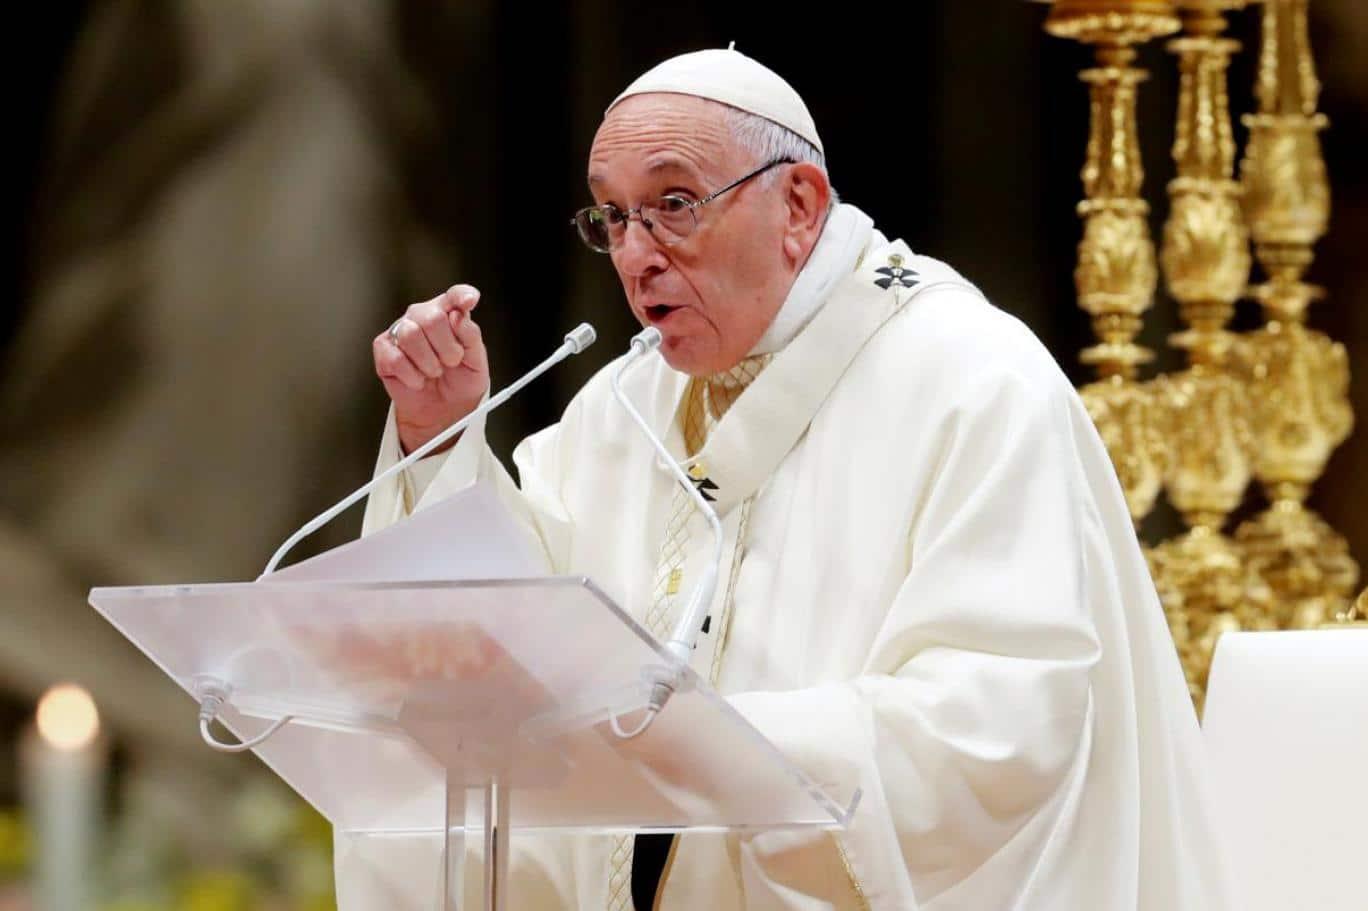 بابا الفاتيكان يدعو قادة العالم إلى نبذ الخلافات السياسية بينهم